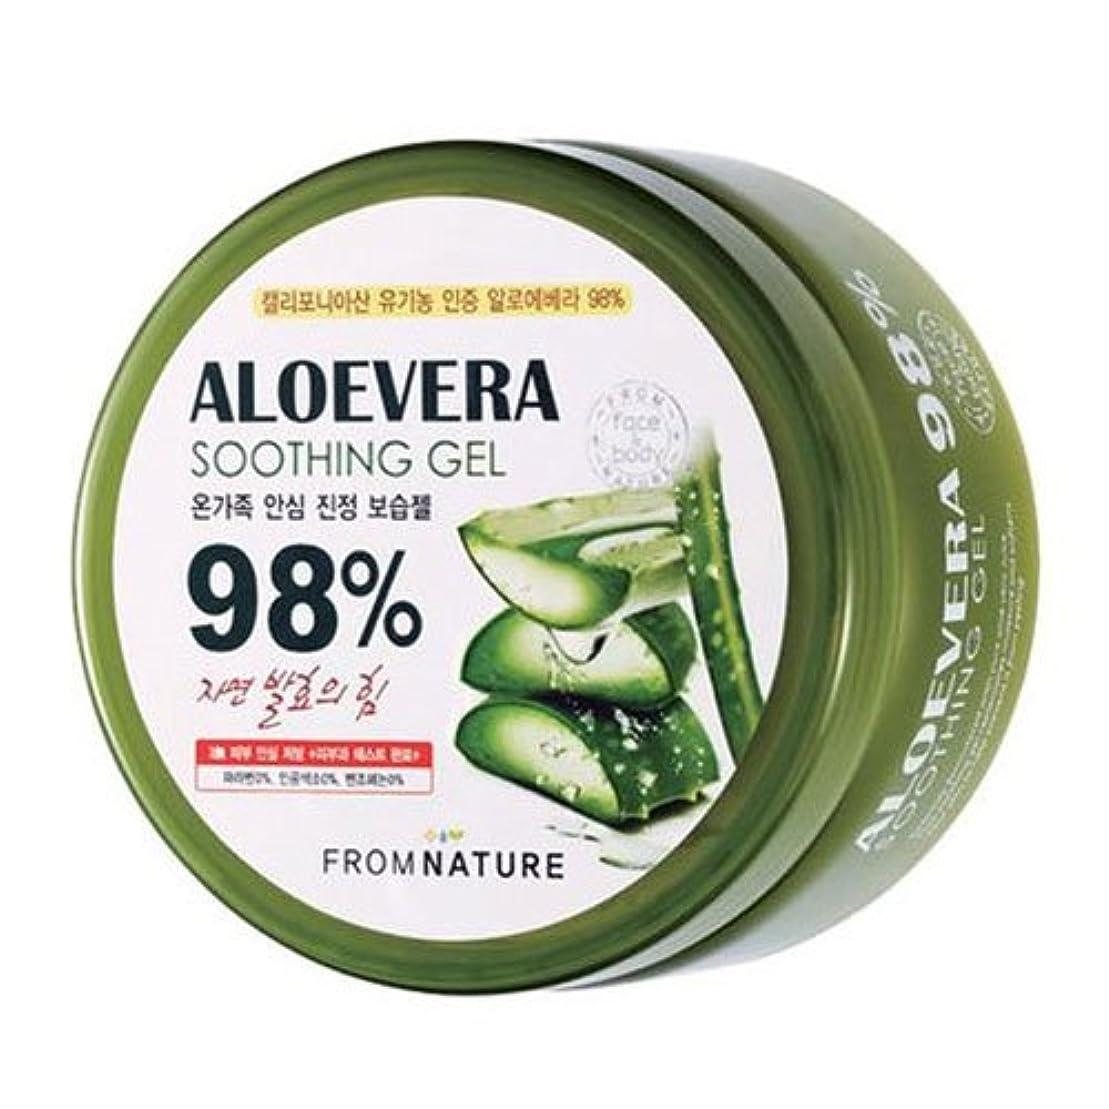 励起地上の分注する[FROMNATURE][フロムネイチャー] アロエベラ98%スーディングジェル (From Nature Aloevera Soothing Gel) (1)